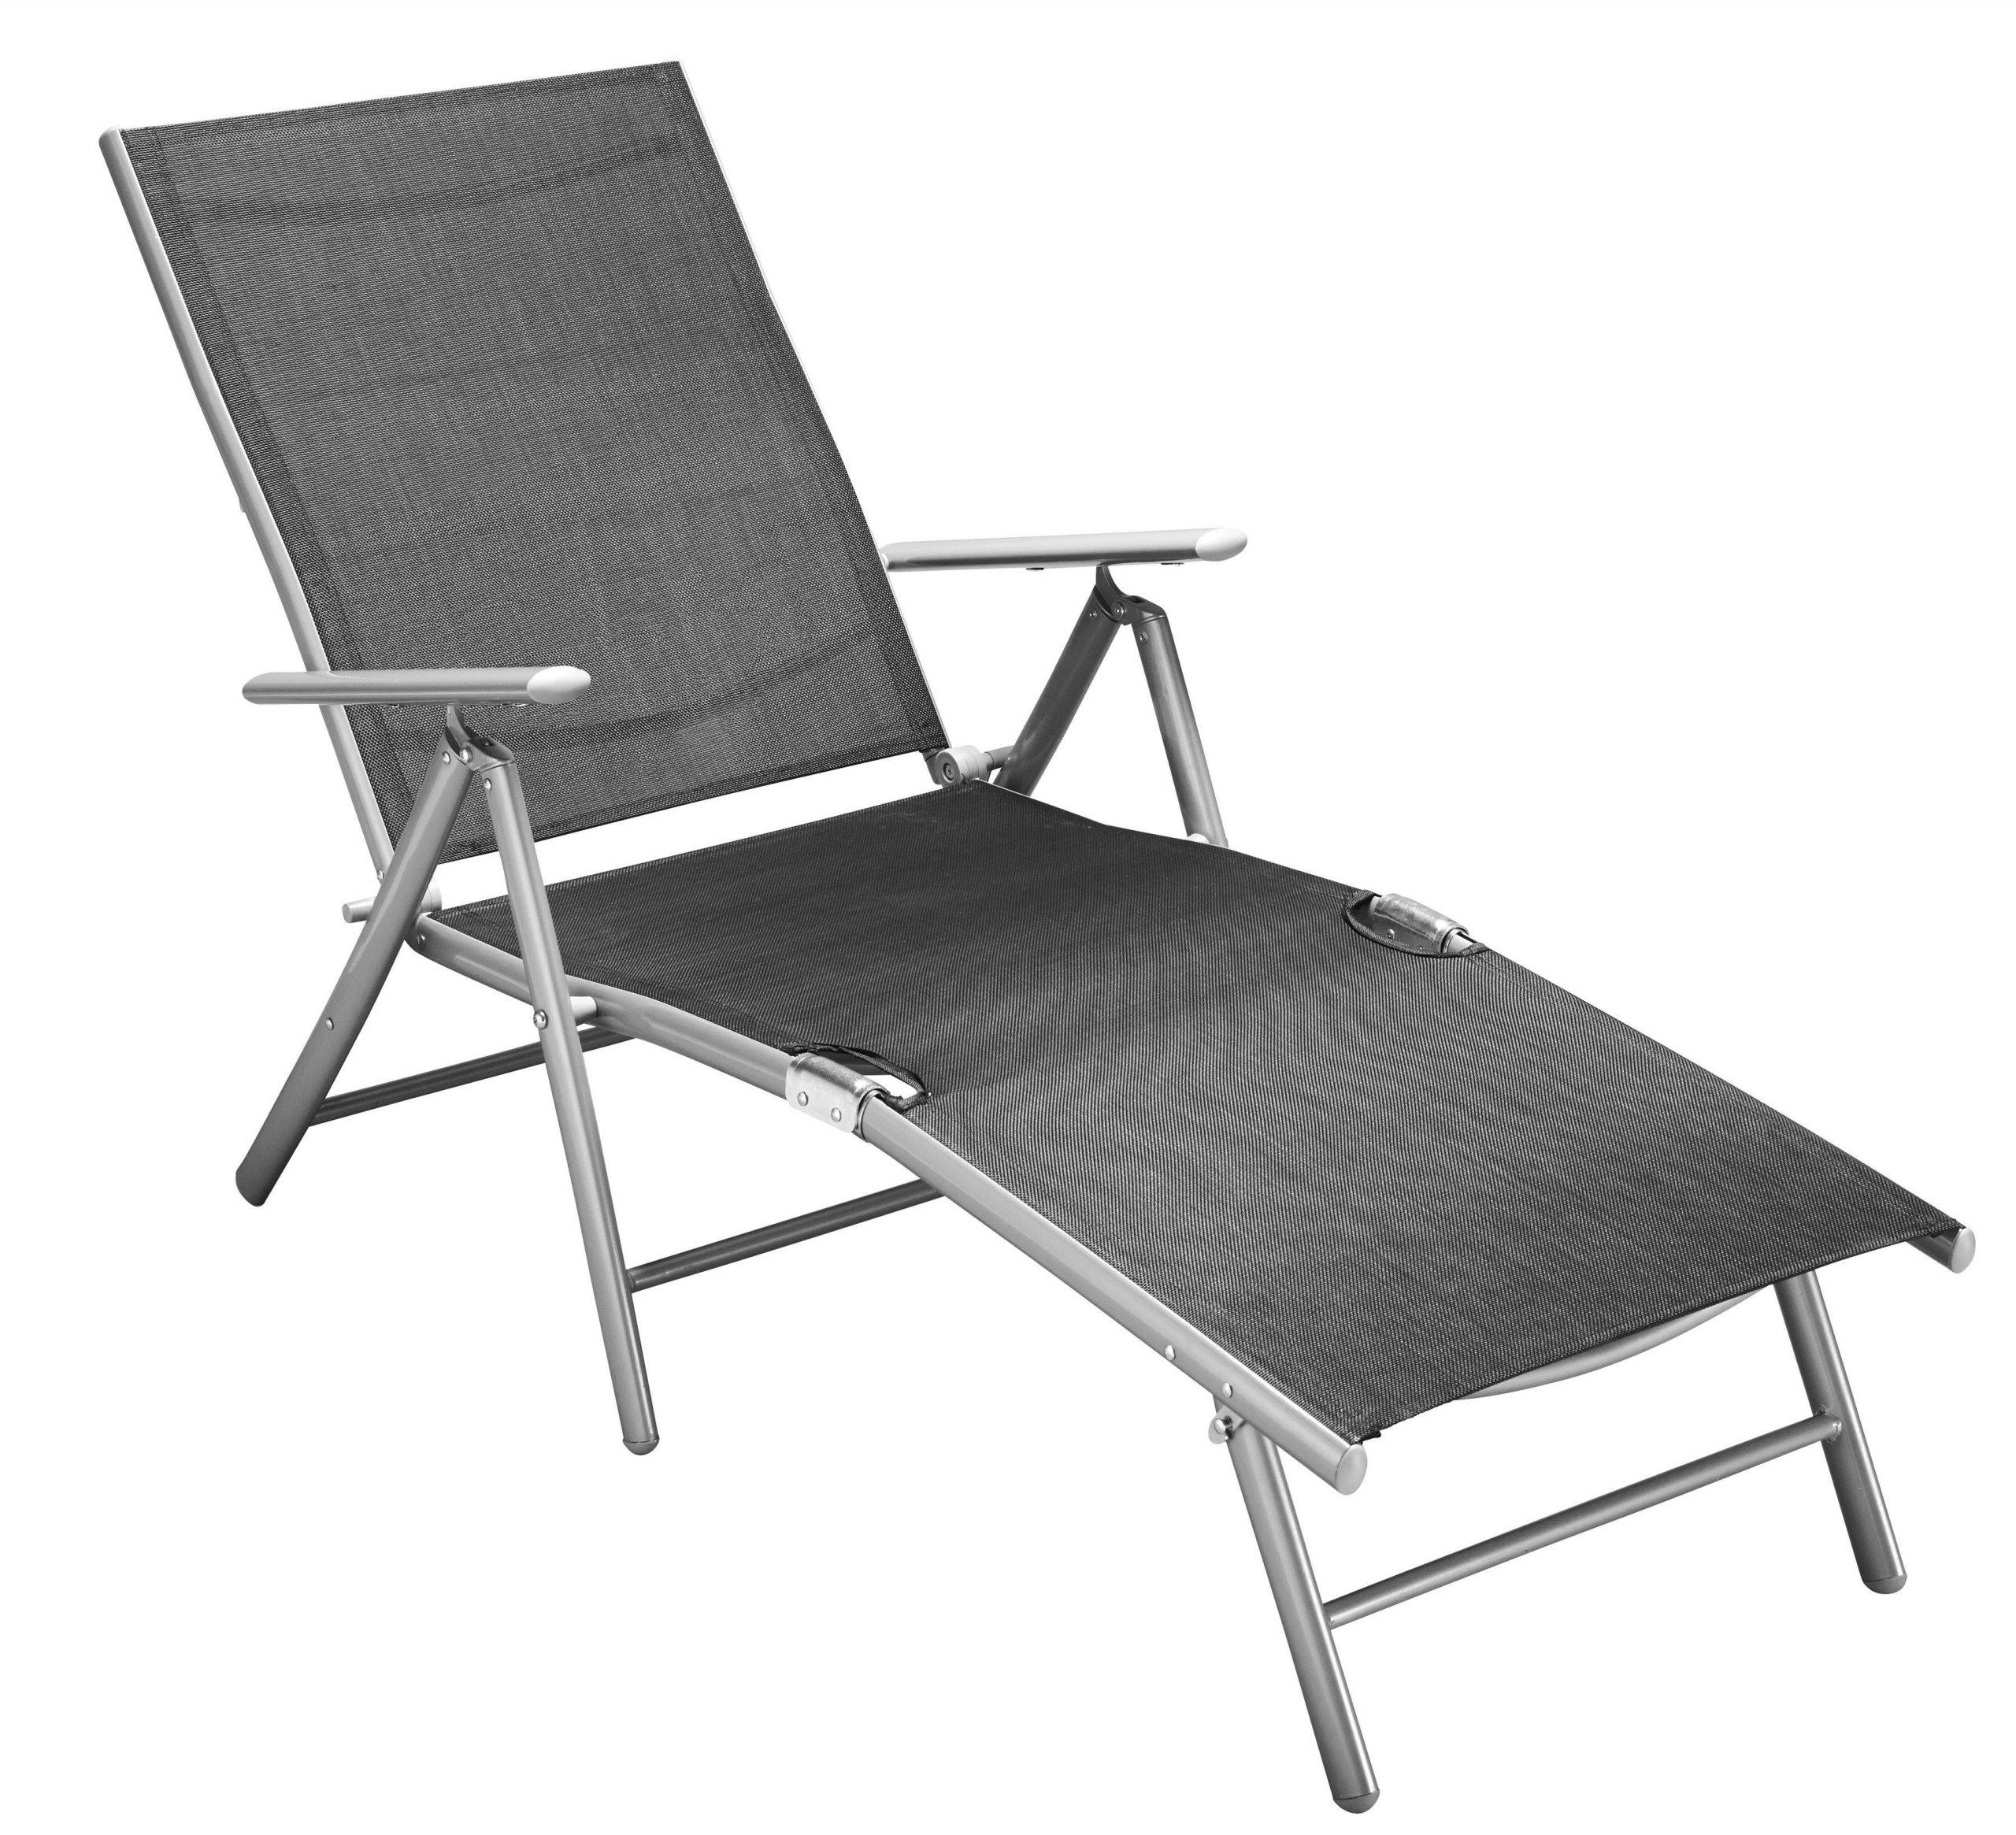 Full Size of Liegestuhl Klappbar Holz Ikea Aldi Gartenliege Garten Auflage Küche Kosten Modulküche Betten Bei Kaufen 160x200 Ausklappbares Bett Ausklappbar Miniküche Wohnzimmer Liegestuhl Klappbar Ikea